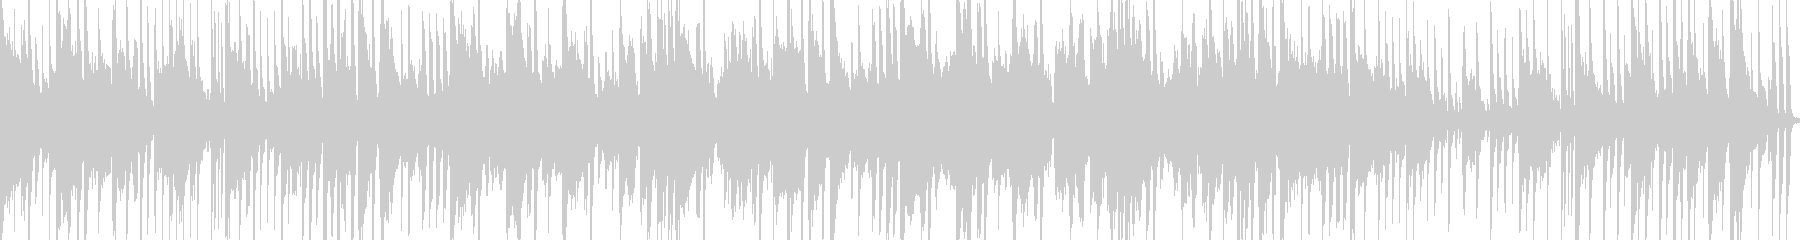 ループ可!コロコロとしたエレクトロポップの未再生の波形